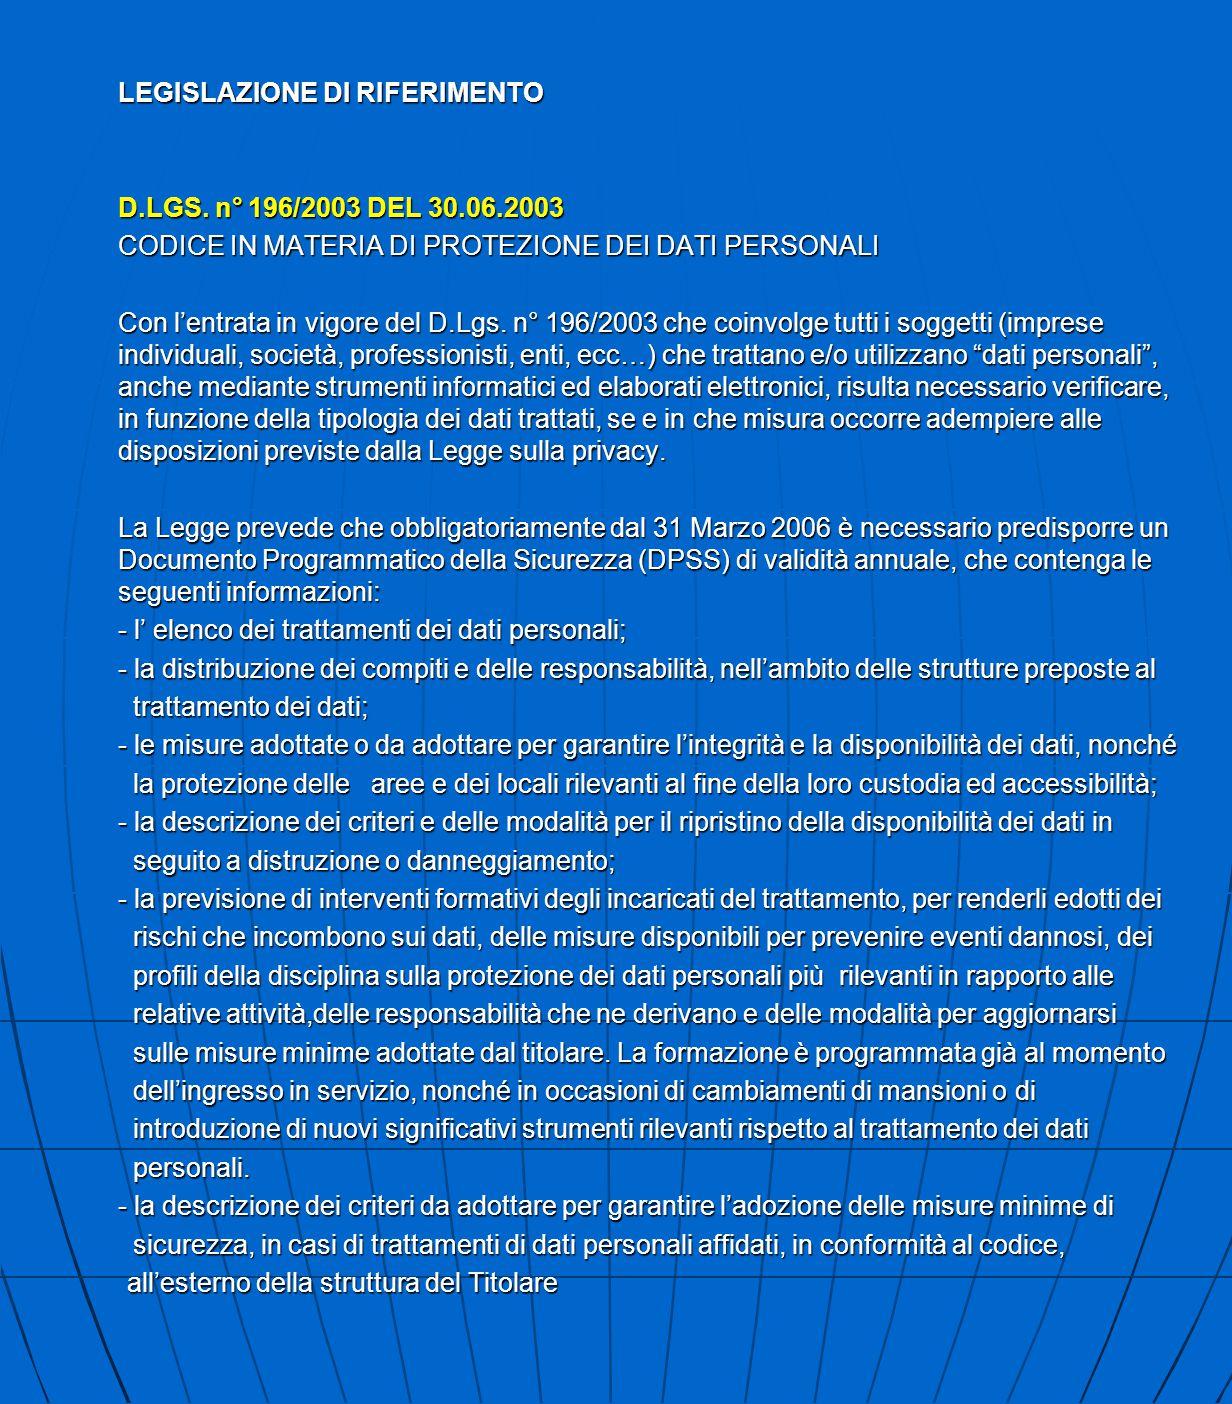 LEGISLAZIONE DI RIFERIMENTO D.LGS. n° 196/2003 DEL 30.06.2003 CODICE IN MATERIA DI PROTEZIONE DEI DATI PERSONALI Con l'entrata in vigore del D.Lgs. n°